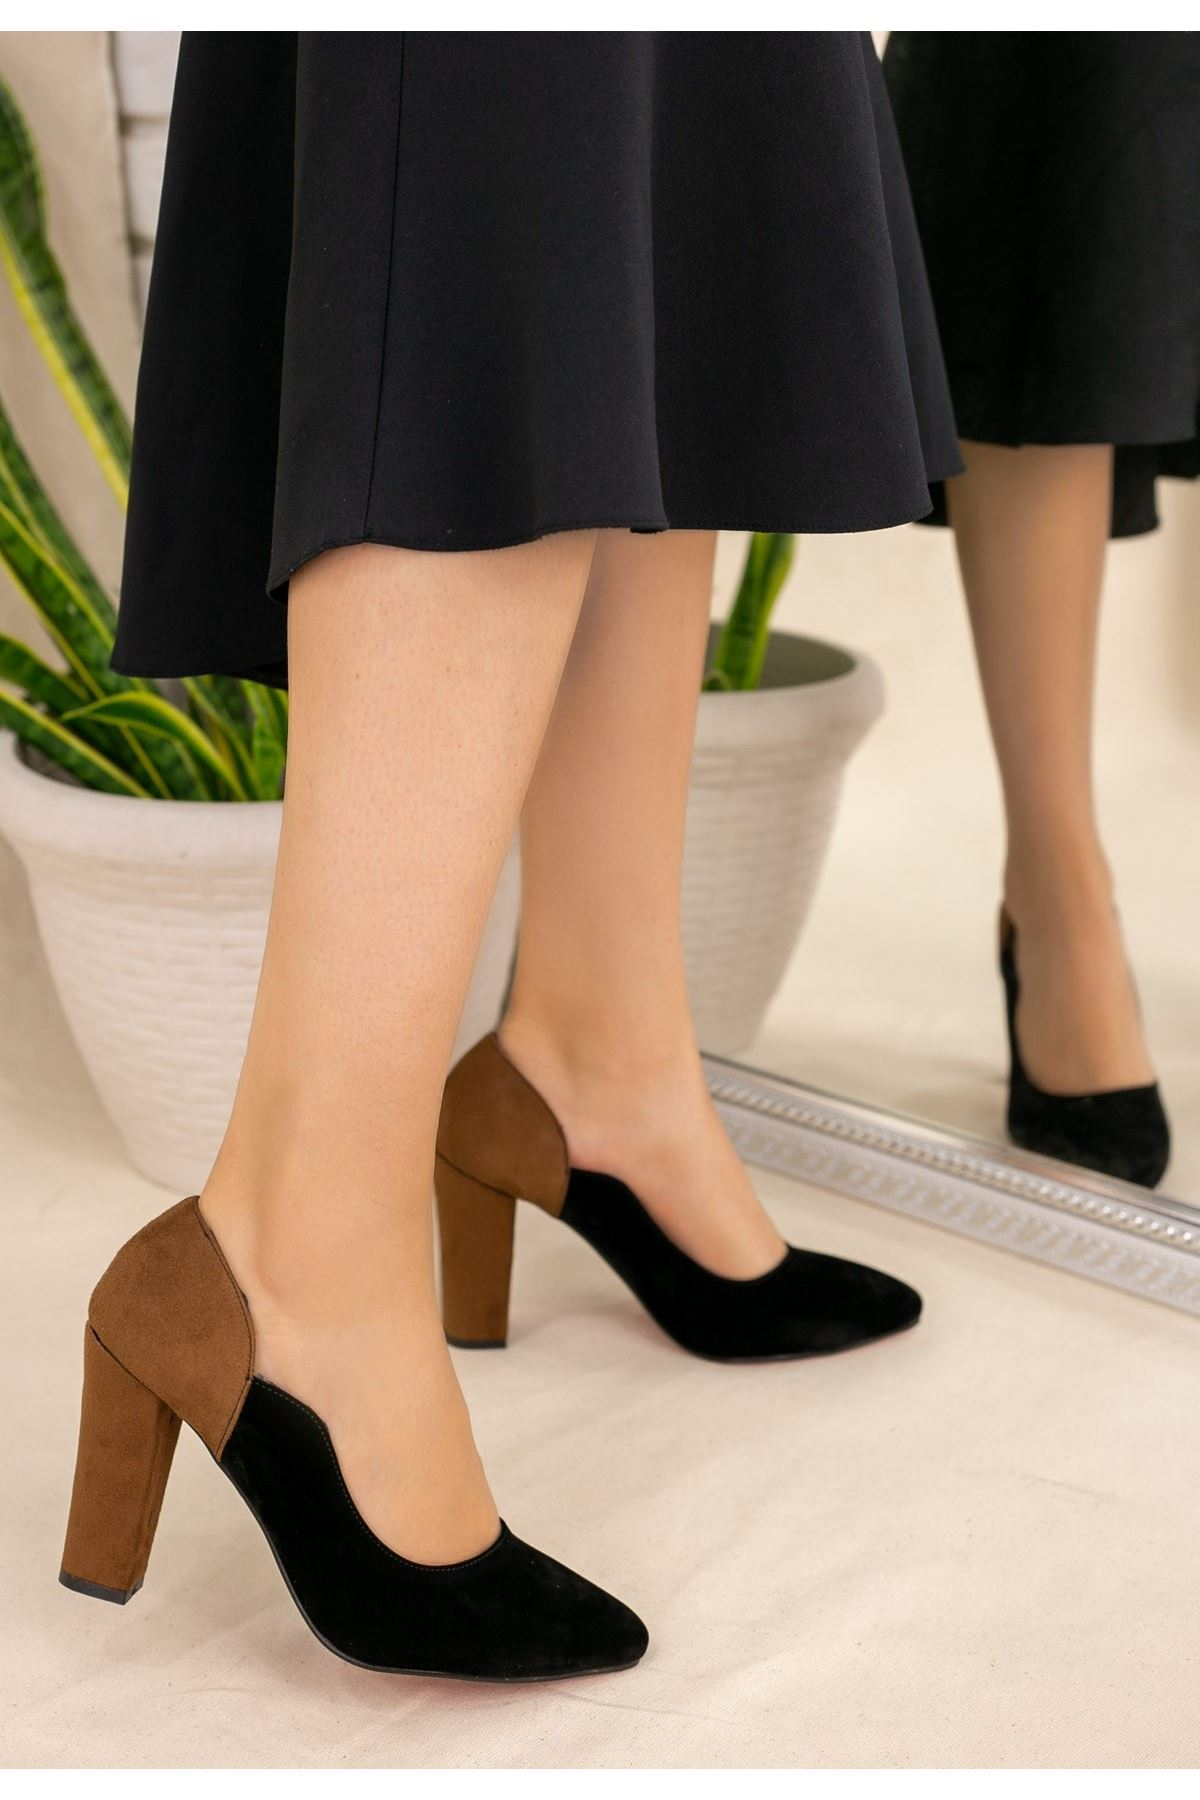 İlene Siyah Süet Taba Topuklu Ayakkabı